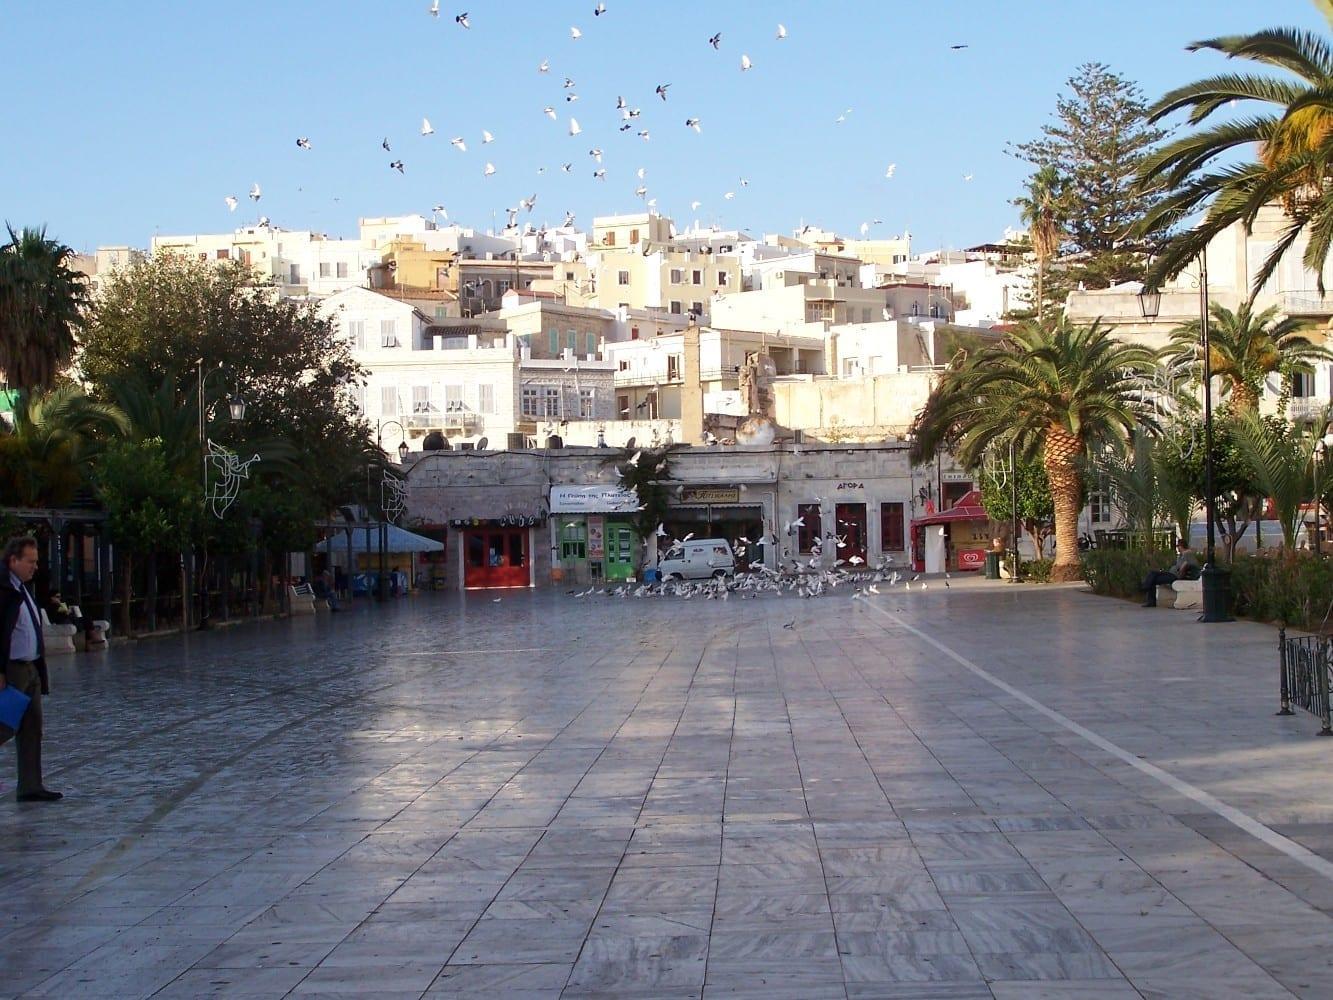 Plateia Miaouli Syros Grecia